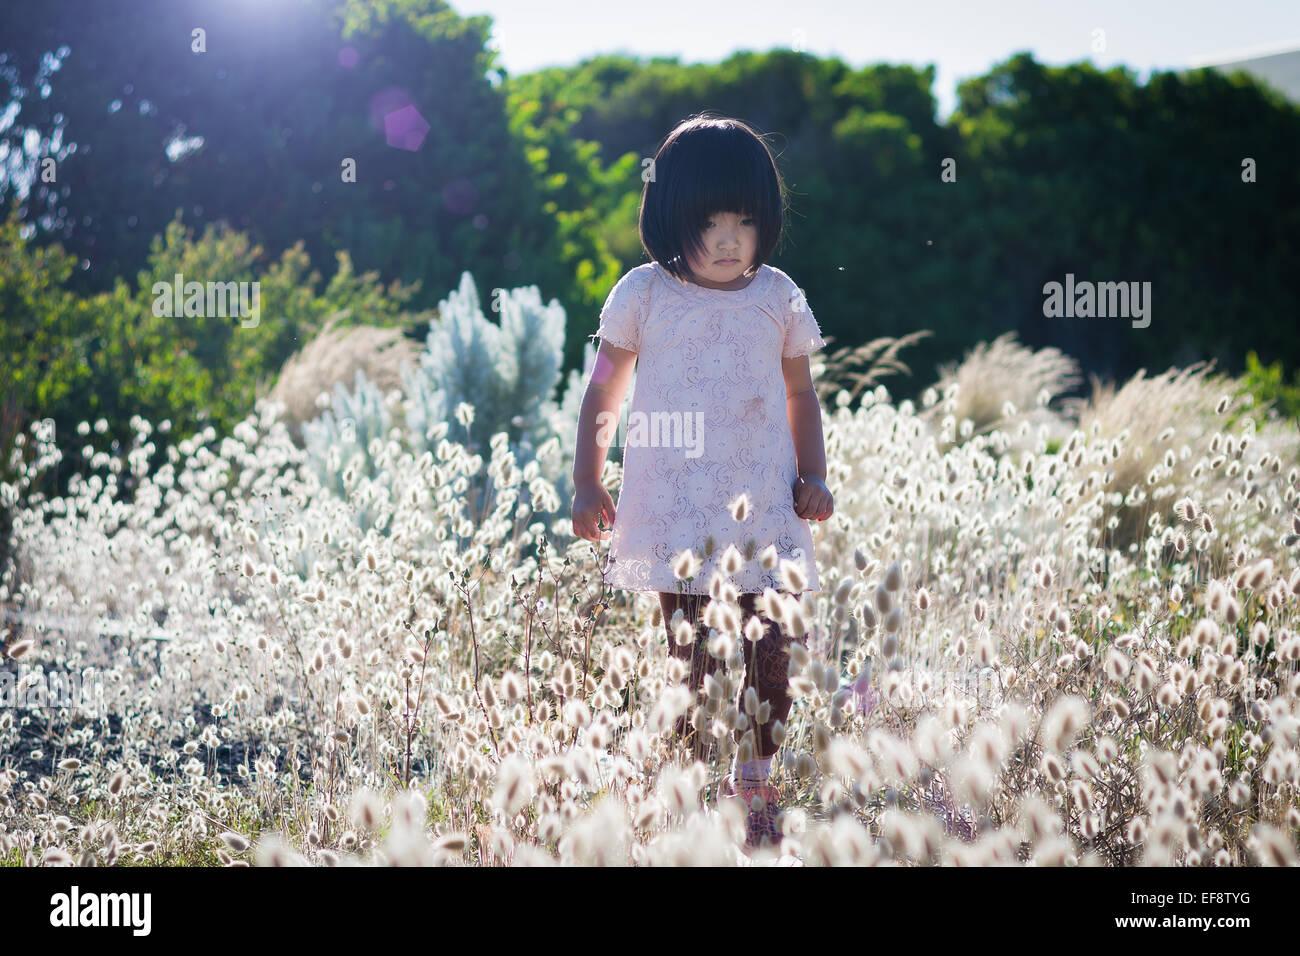 Kleine Mädchen tragen weiße Kleid in Bereichen mit hohen blühenden Gräsern, Bäumen im Hintergrund laufen Stockfoto